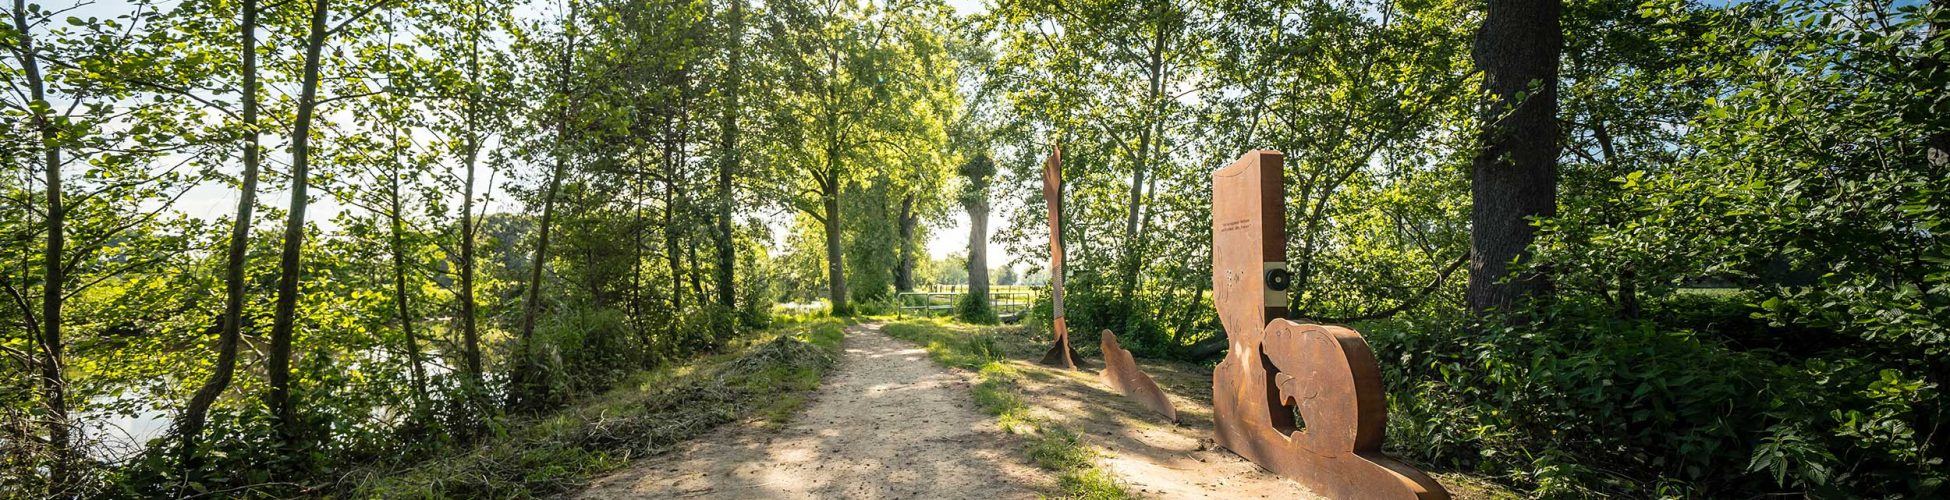 RurUfer-Radweg Rast- und Erlebnisstation Heinsberger Land